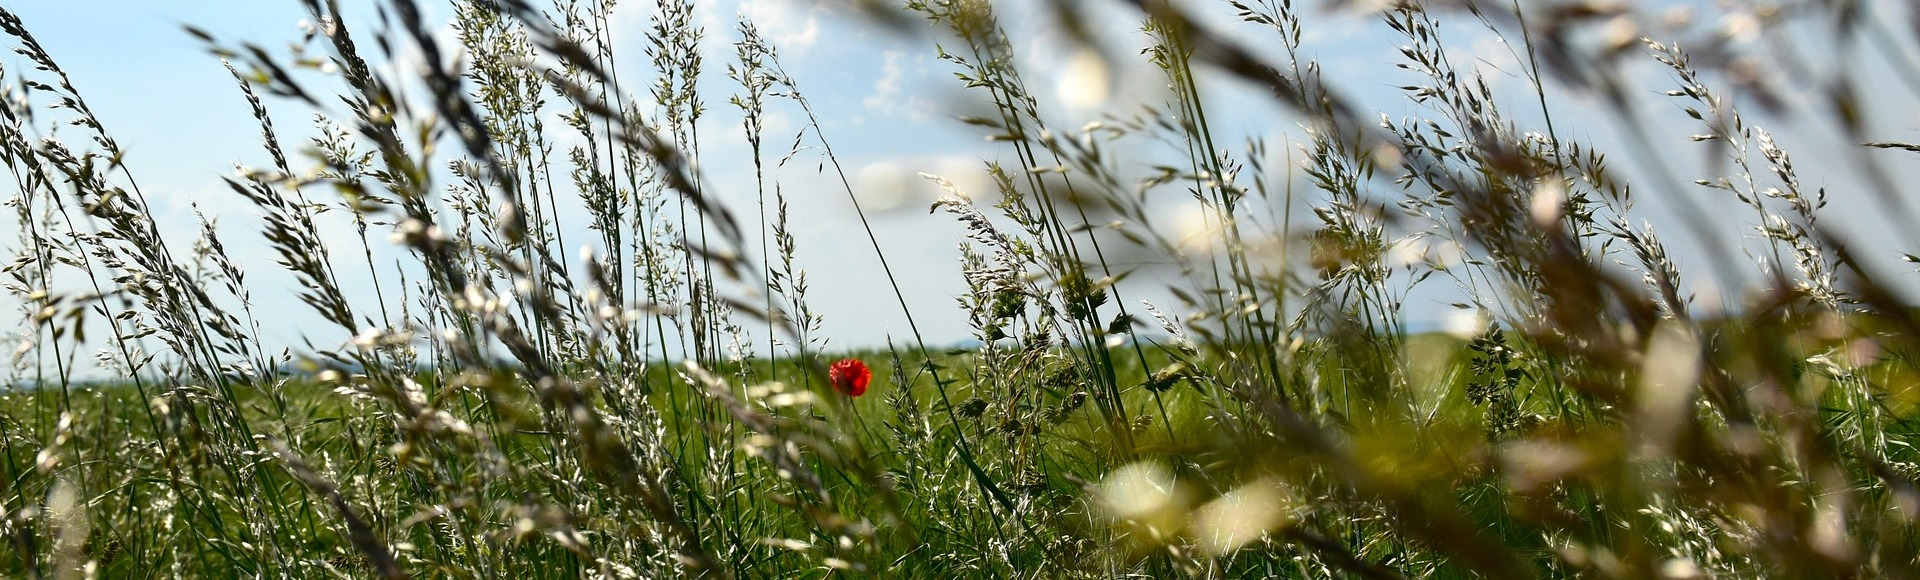 grass-seeds